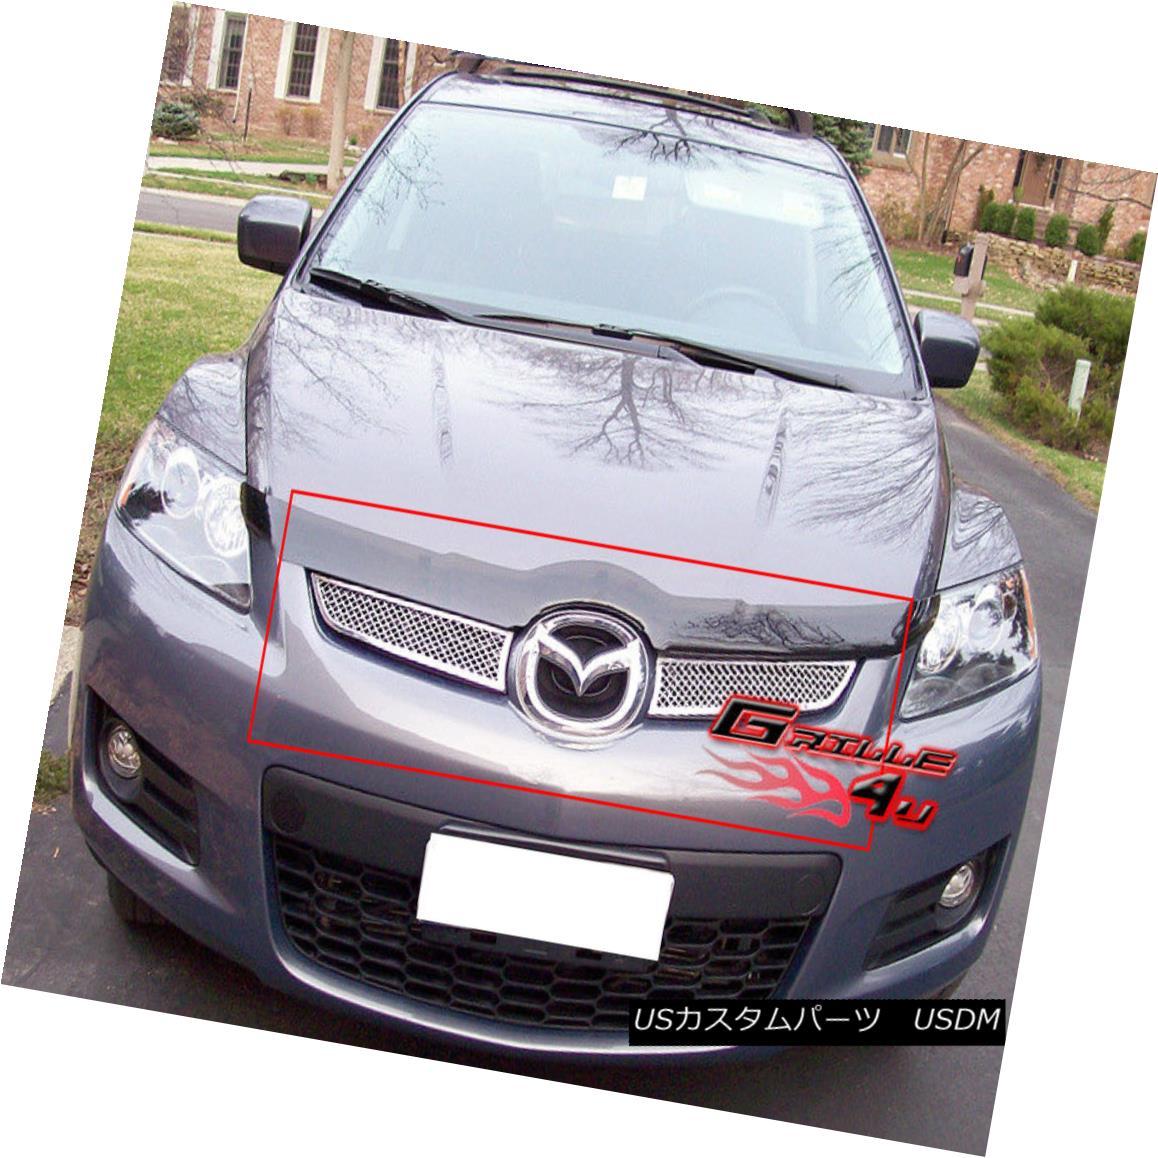 グリル Fits 2007-2009 Mazda CX-7 Stainless Mesh Grille Insert 2007-2009マツダCX-7ステンレスメッシュグリルインサートに適合